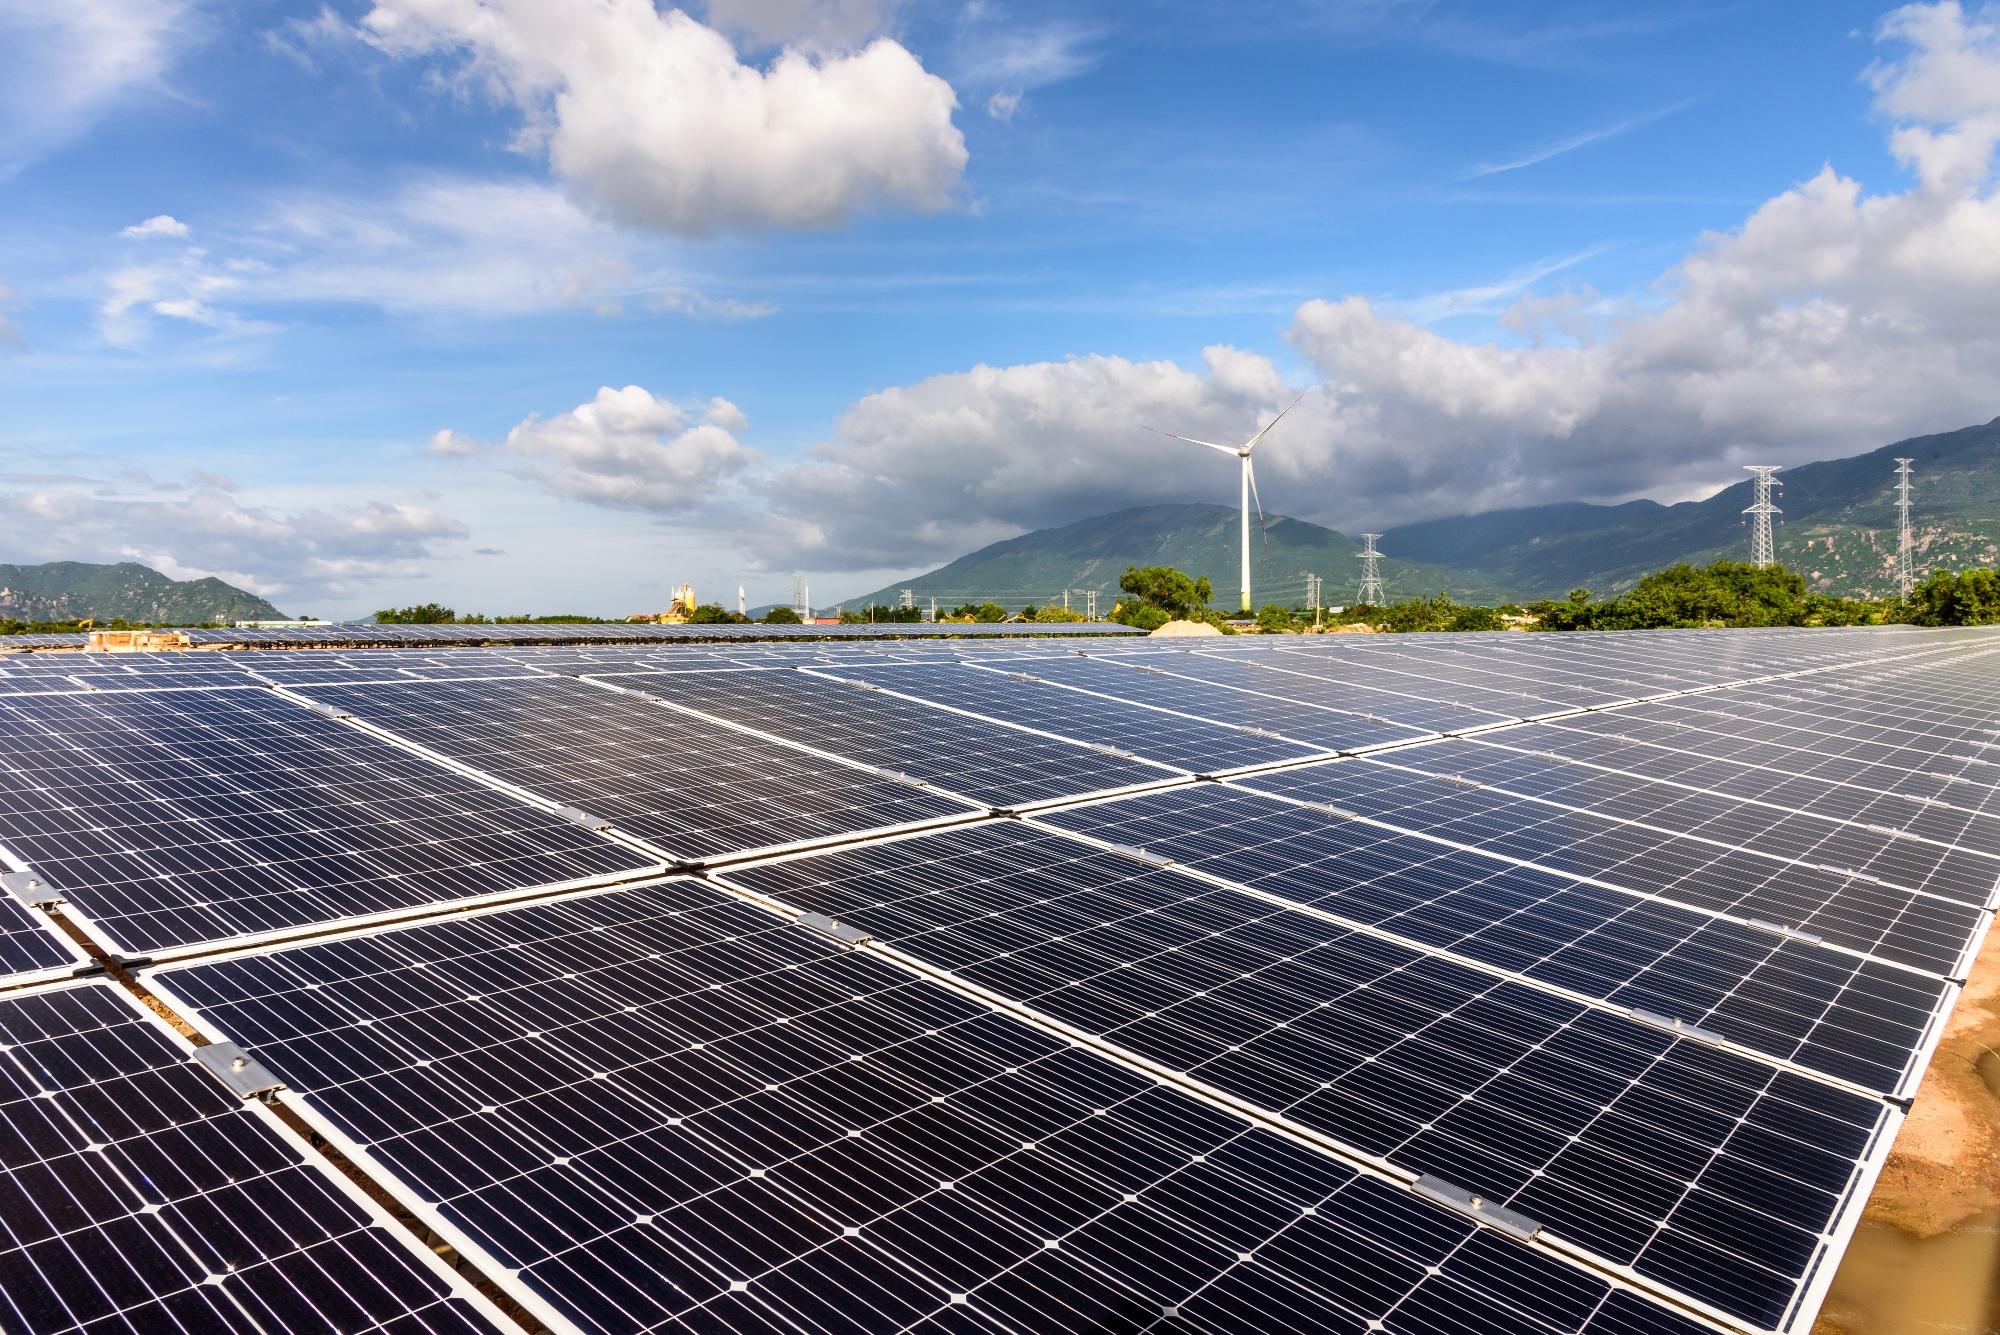 Вьетнам продвигает проекты солнечной энергетики. (Фото: Министерство природных ресурсов и окружающей среды)